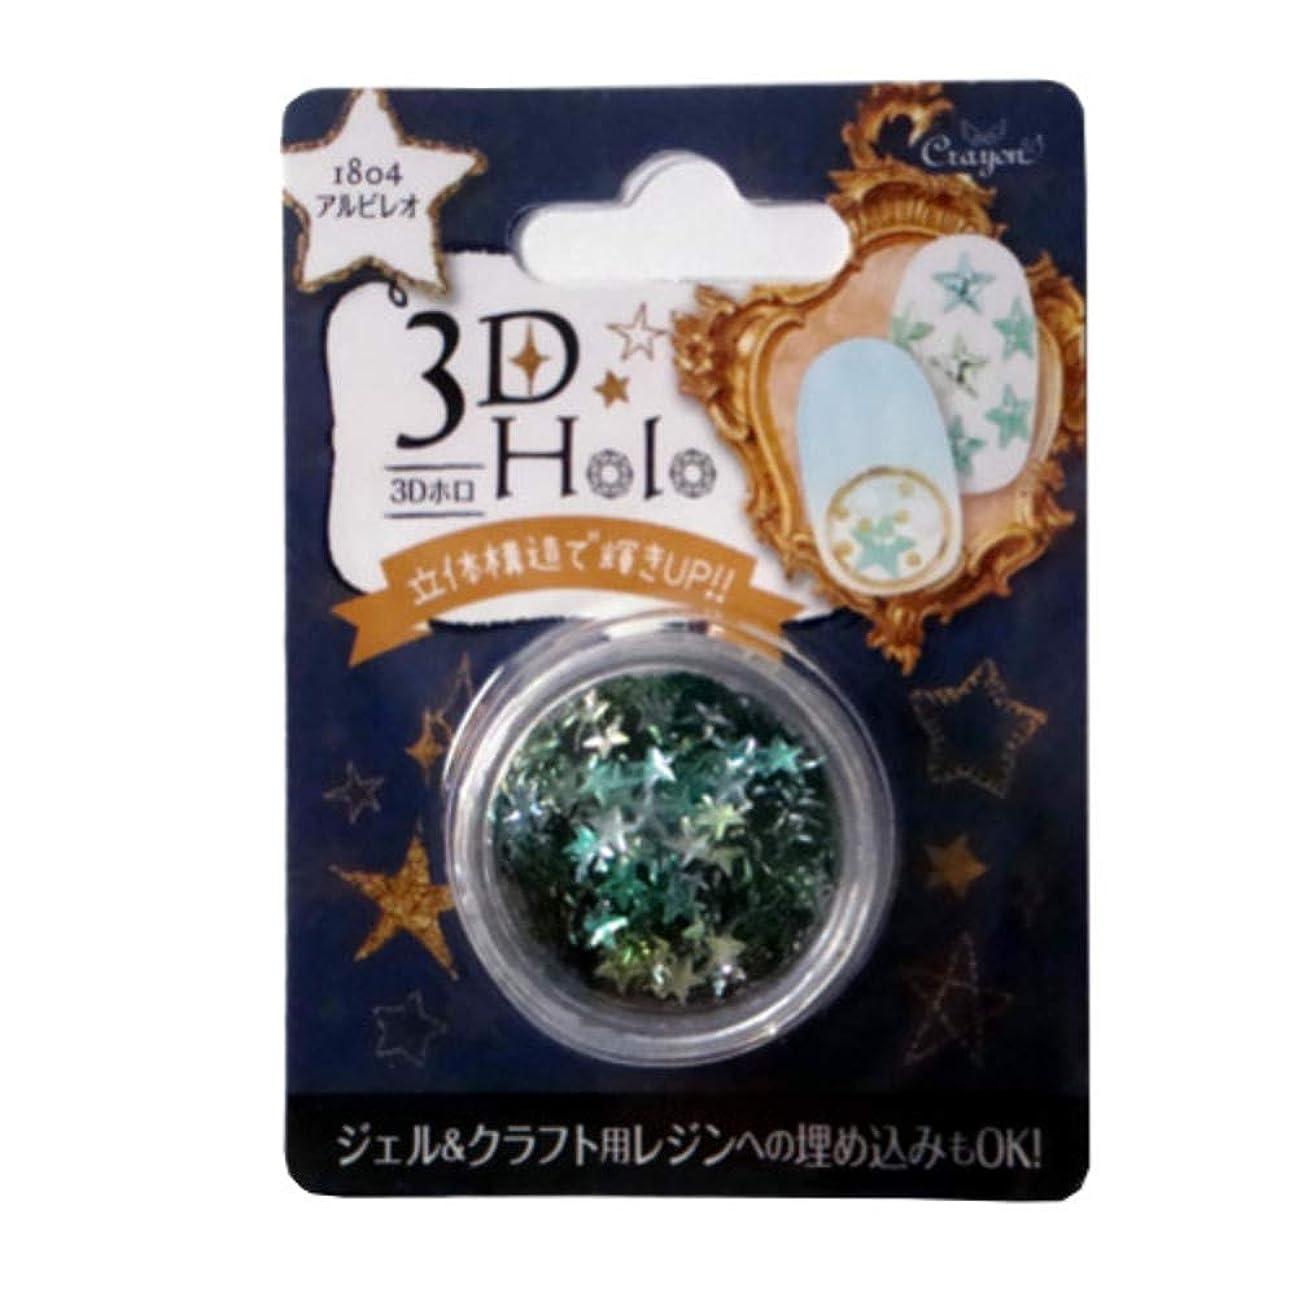 セブン合成売り手クレヨン 3Dホロ アルビレオ CTH1804